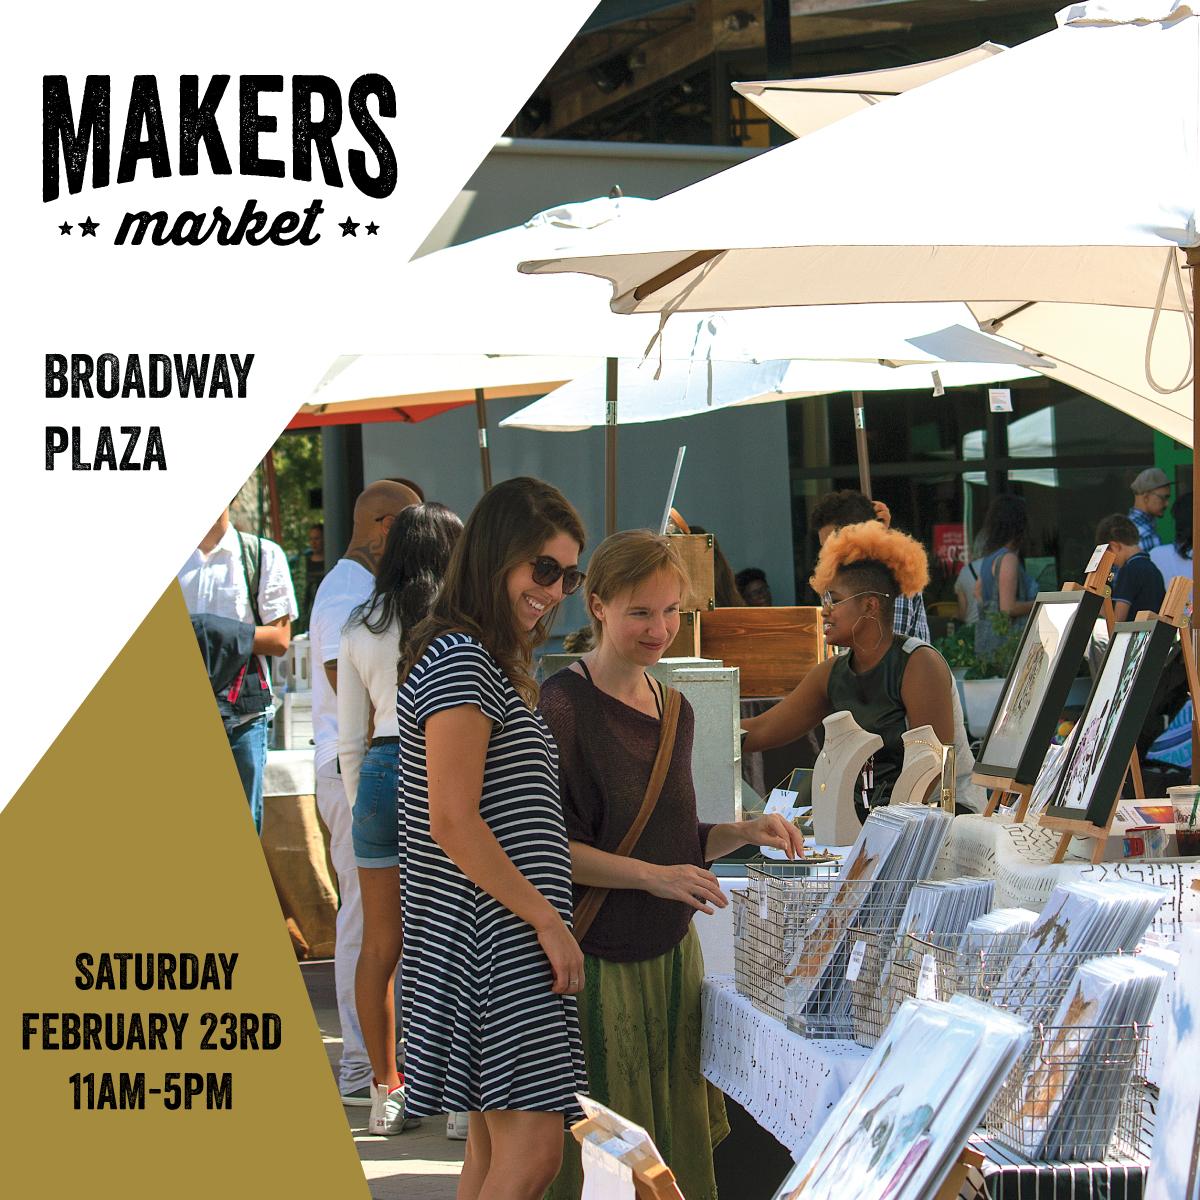 Makers Market Broadway Plaza Walnut Creek